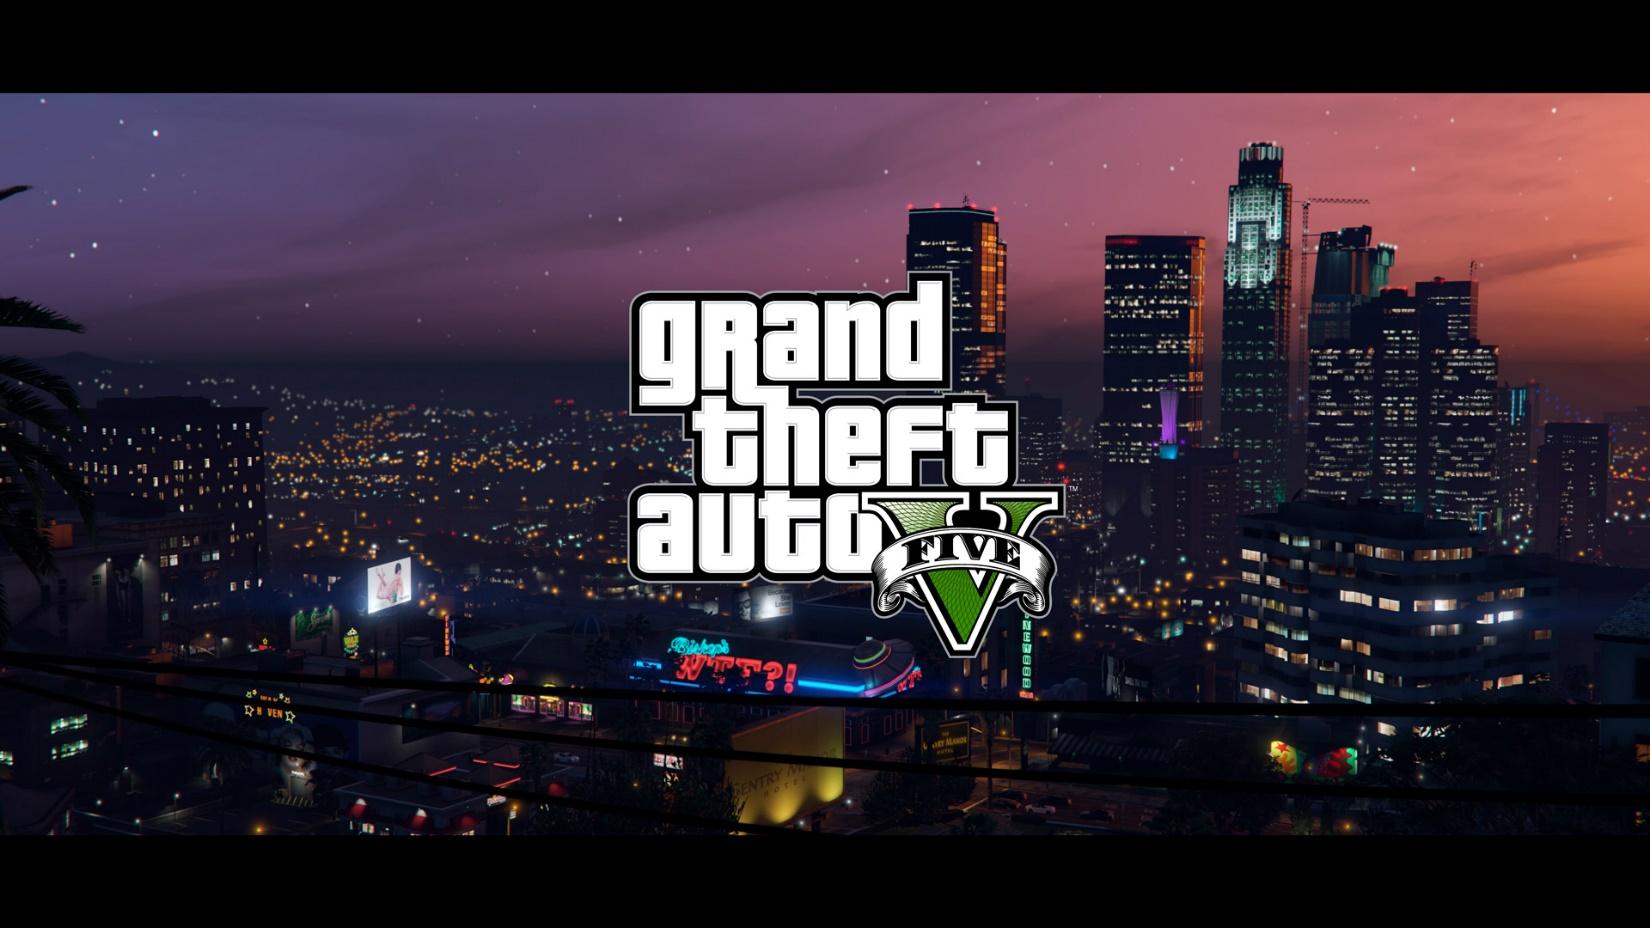 Grand Theft Auto V und GTA Online erscheinen im März 2022 für PlayStation 5 und Xbox Series X|S